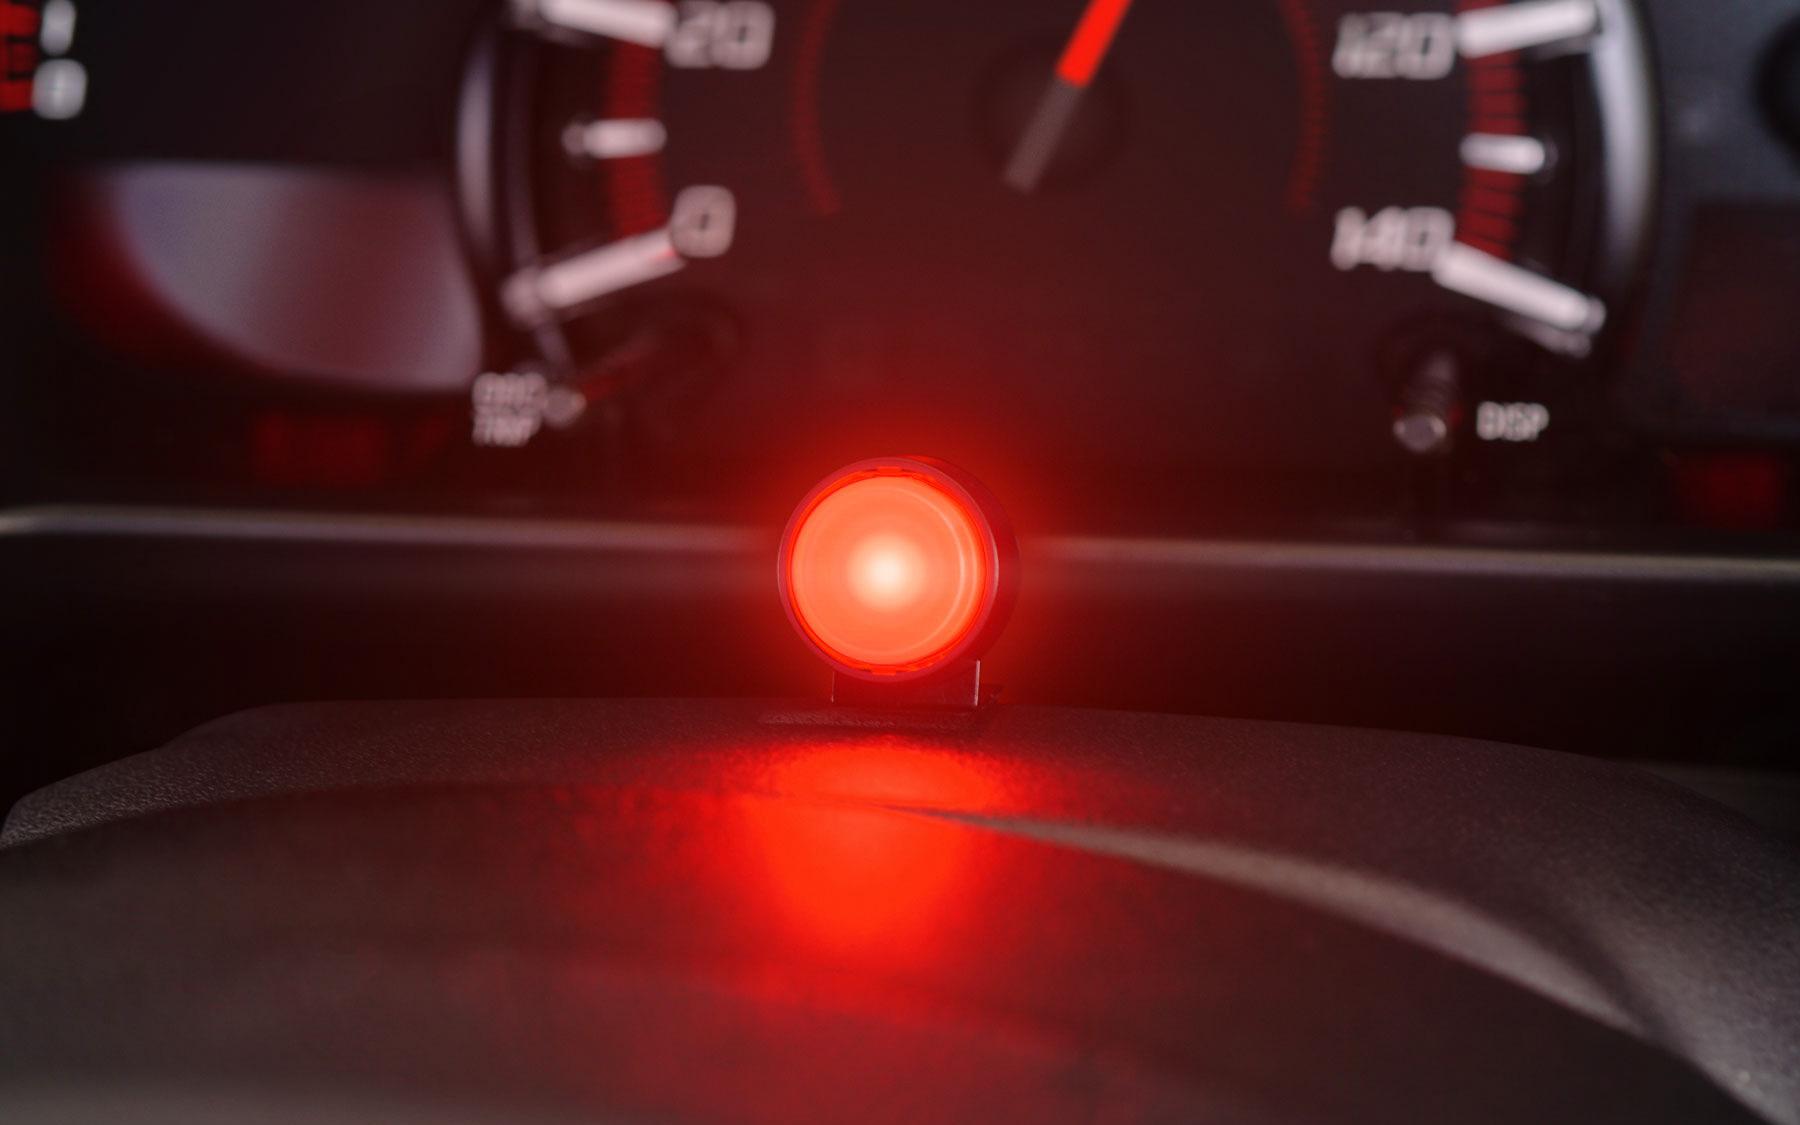 ランプ部には高輝度LEDを採用し、昼間でも認識性の高い発光を誇る。内蔵の光センサーによって周囲の明るさに応じて昼夜2段階の輝度調整機能が行なえる